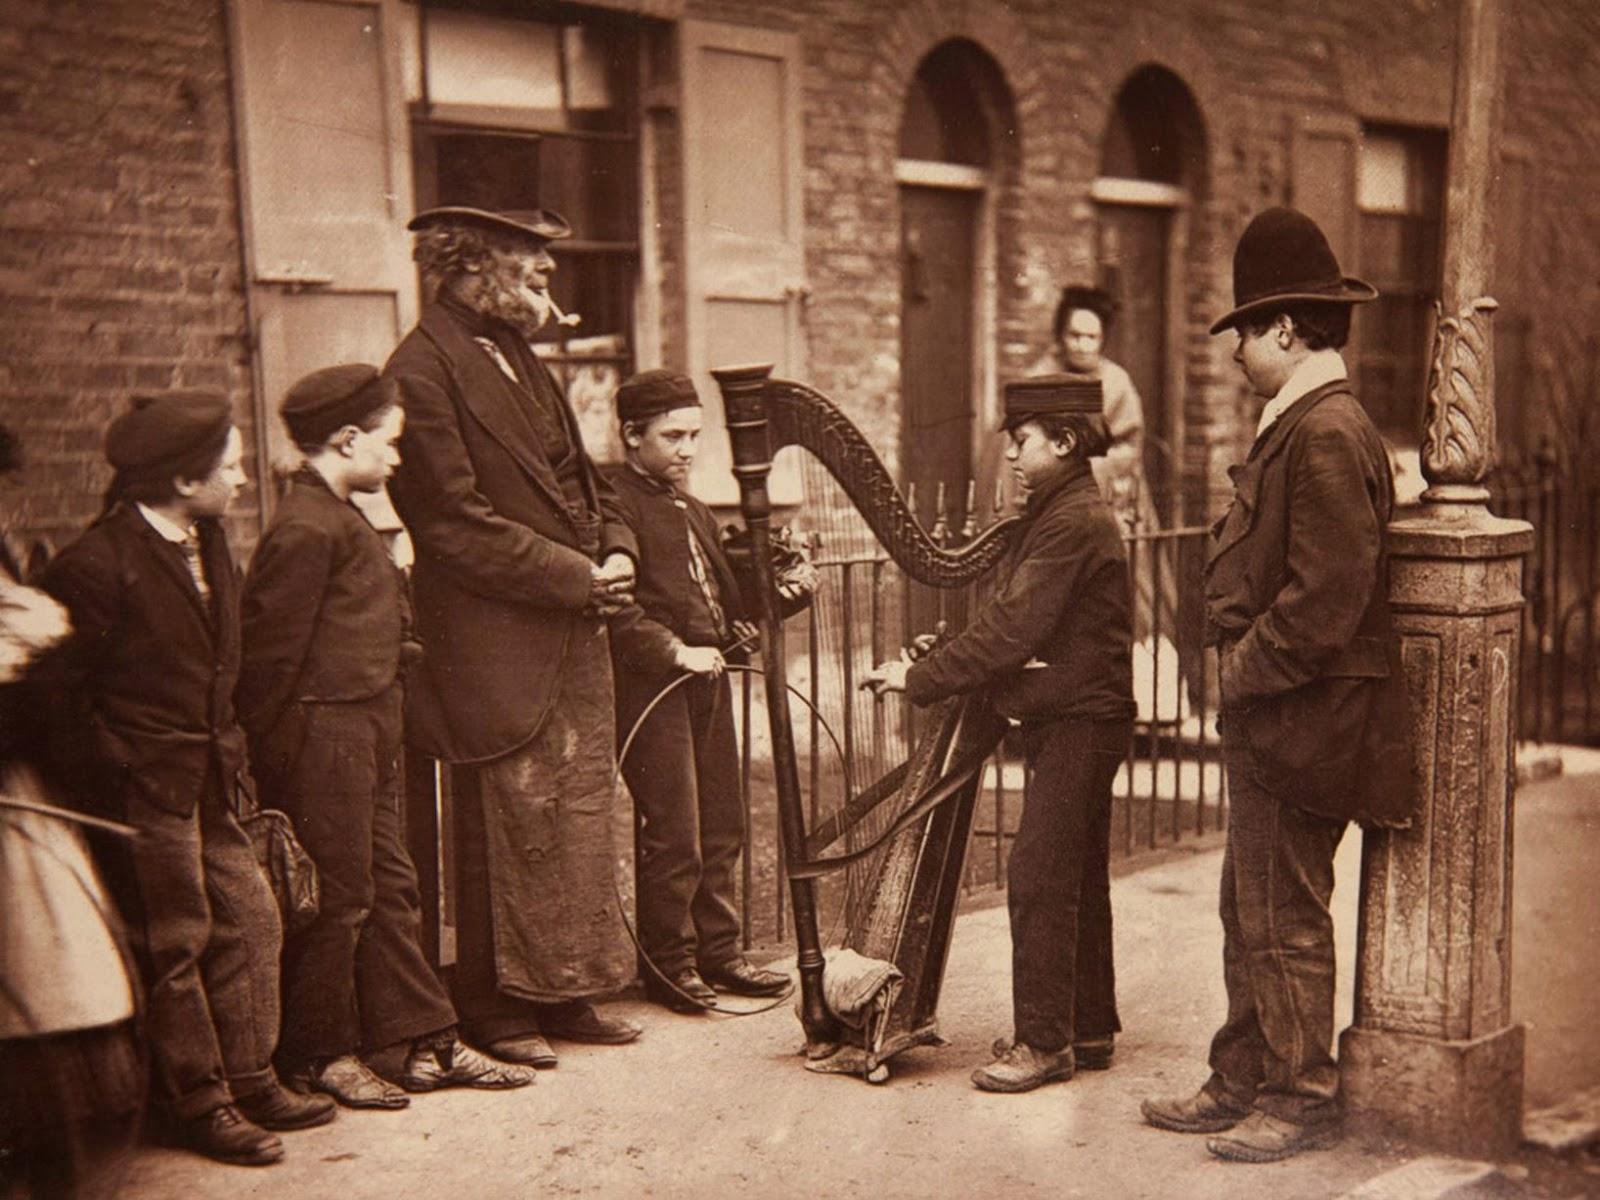 1876-1877. Итальянский арфист развлекает местных детей на улице